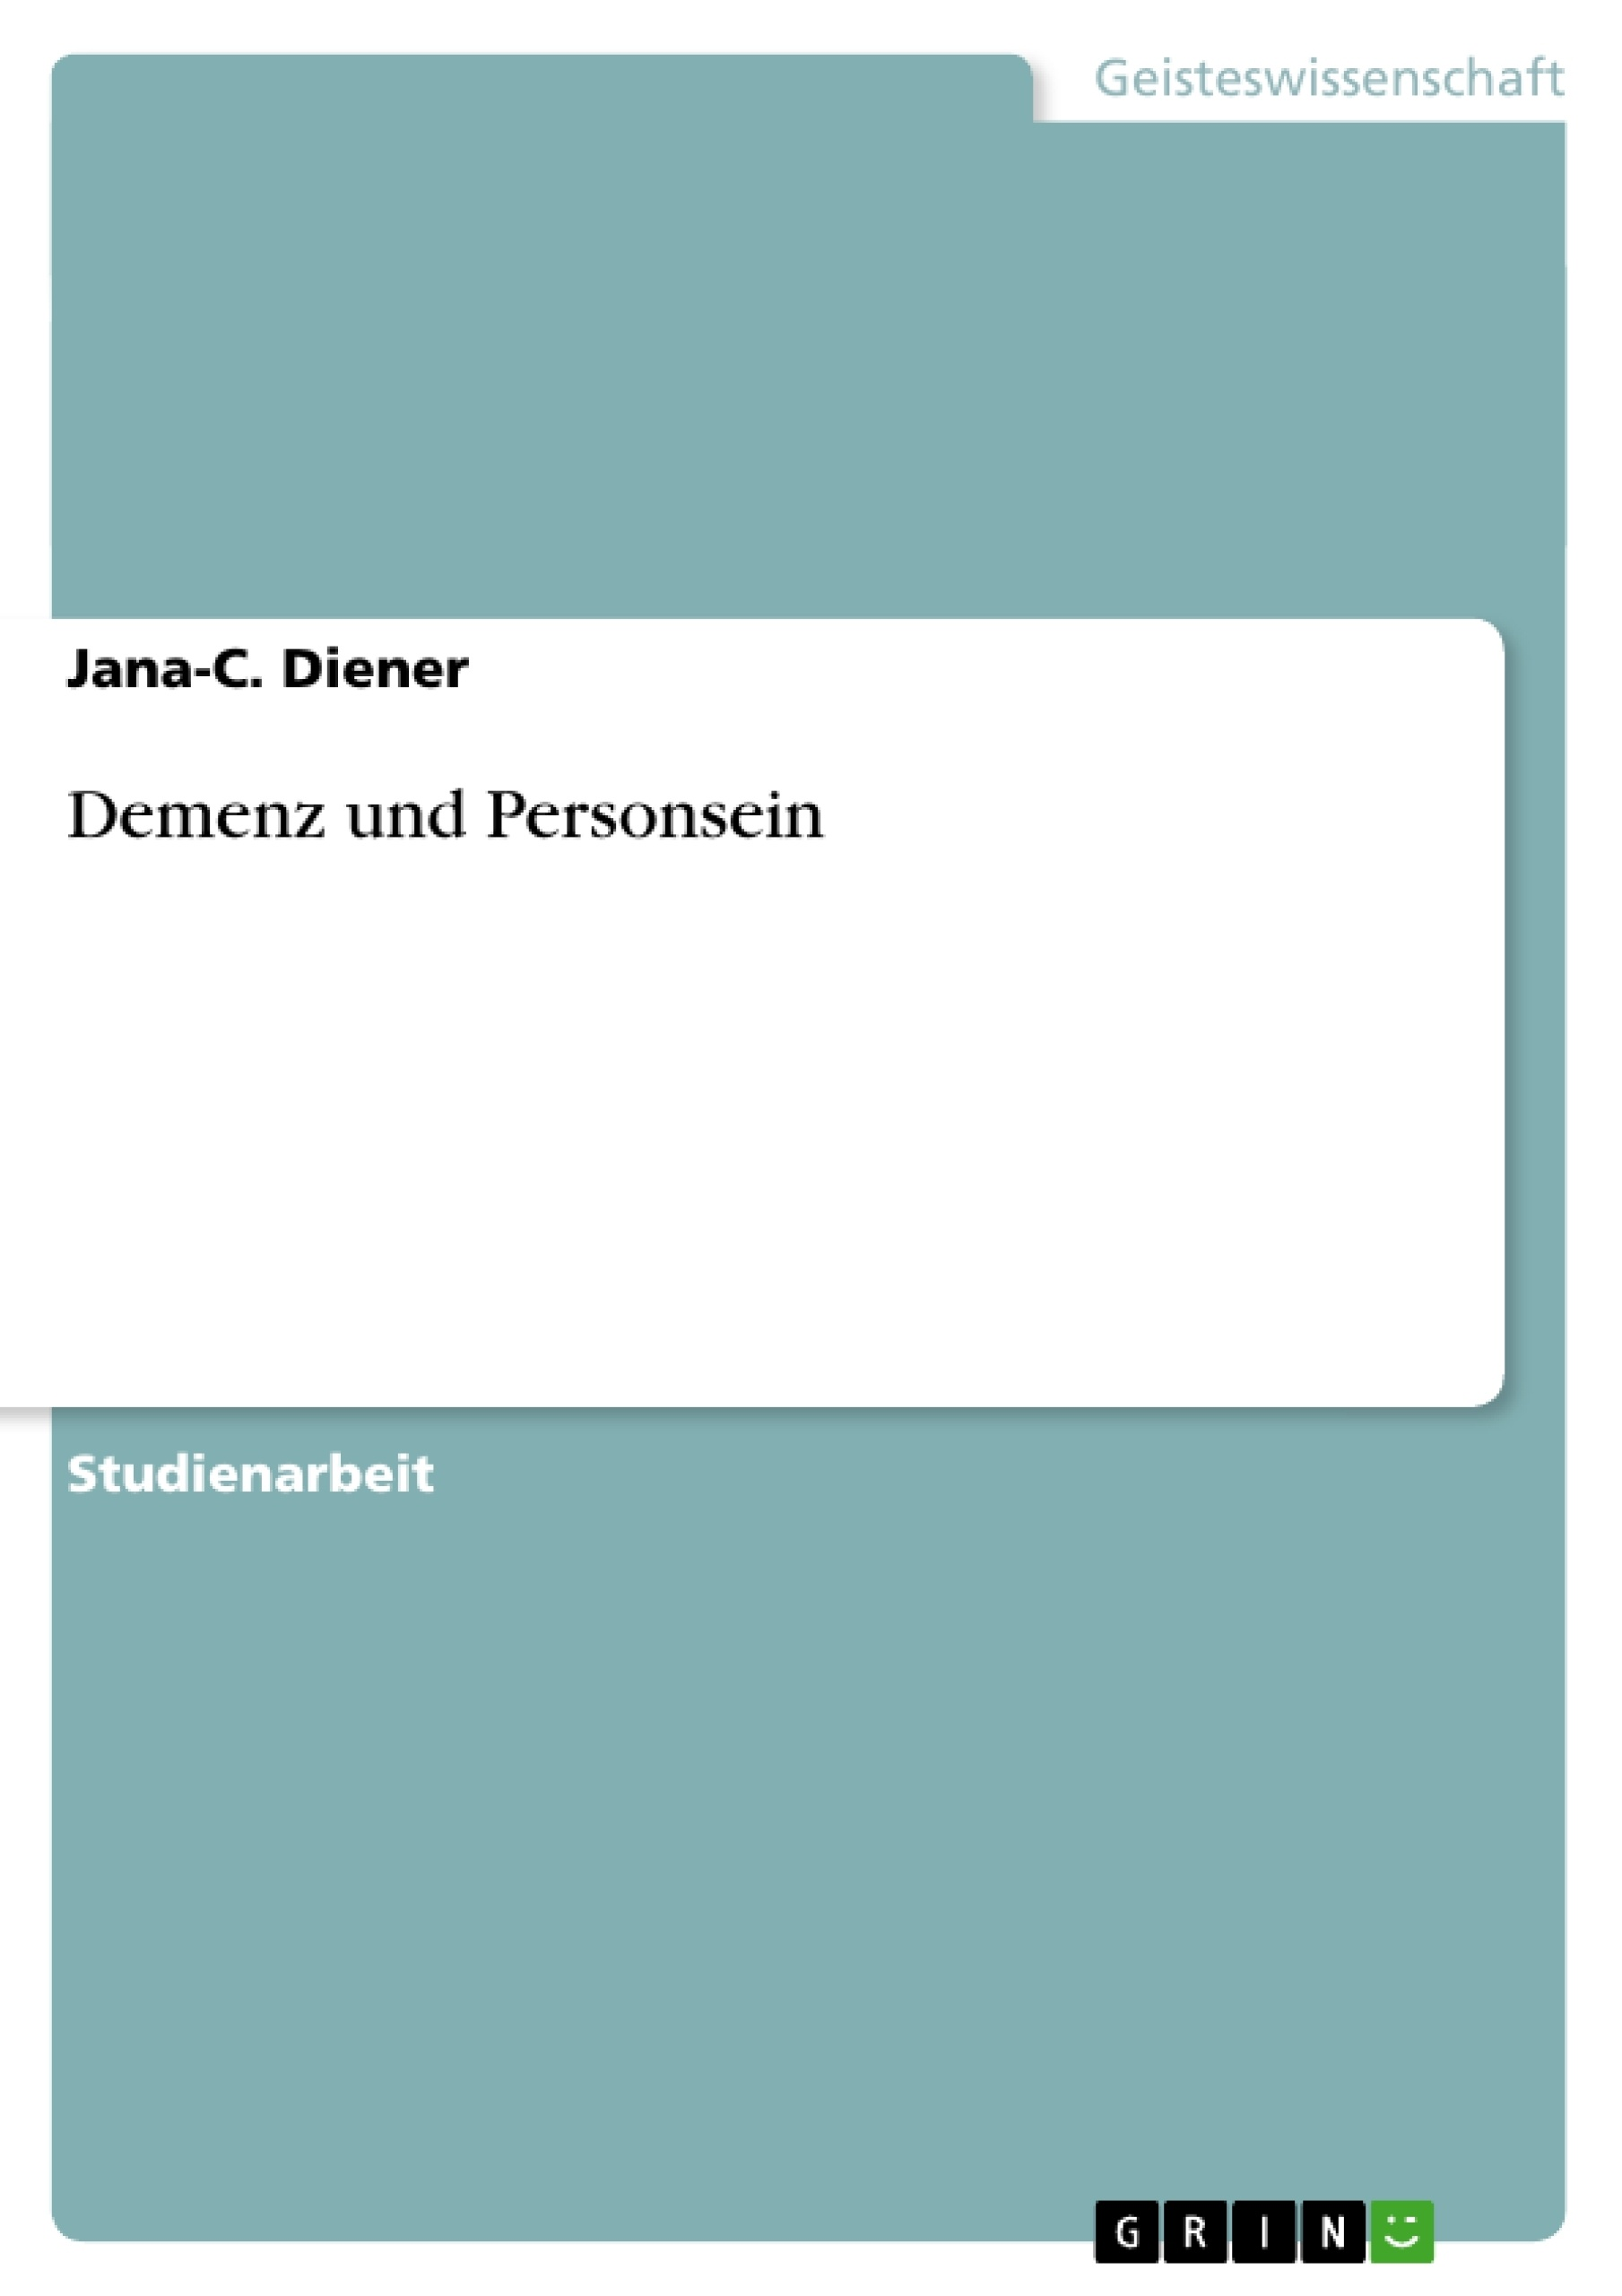 Titel: Demenz und Personsein